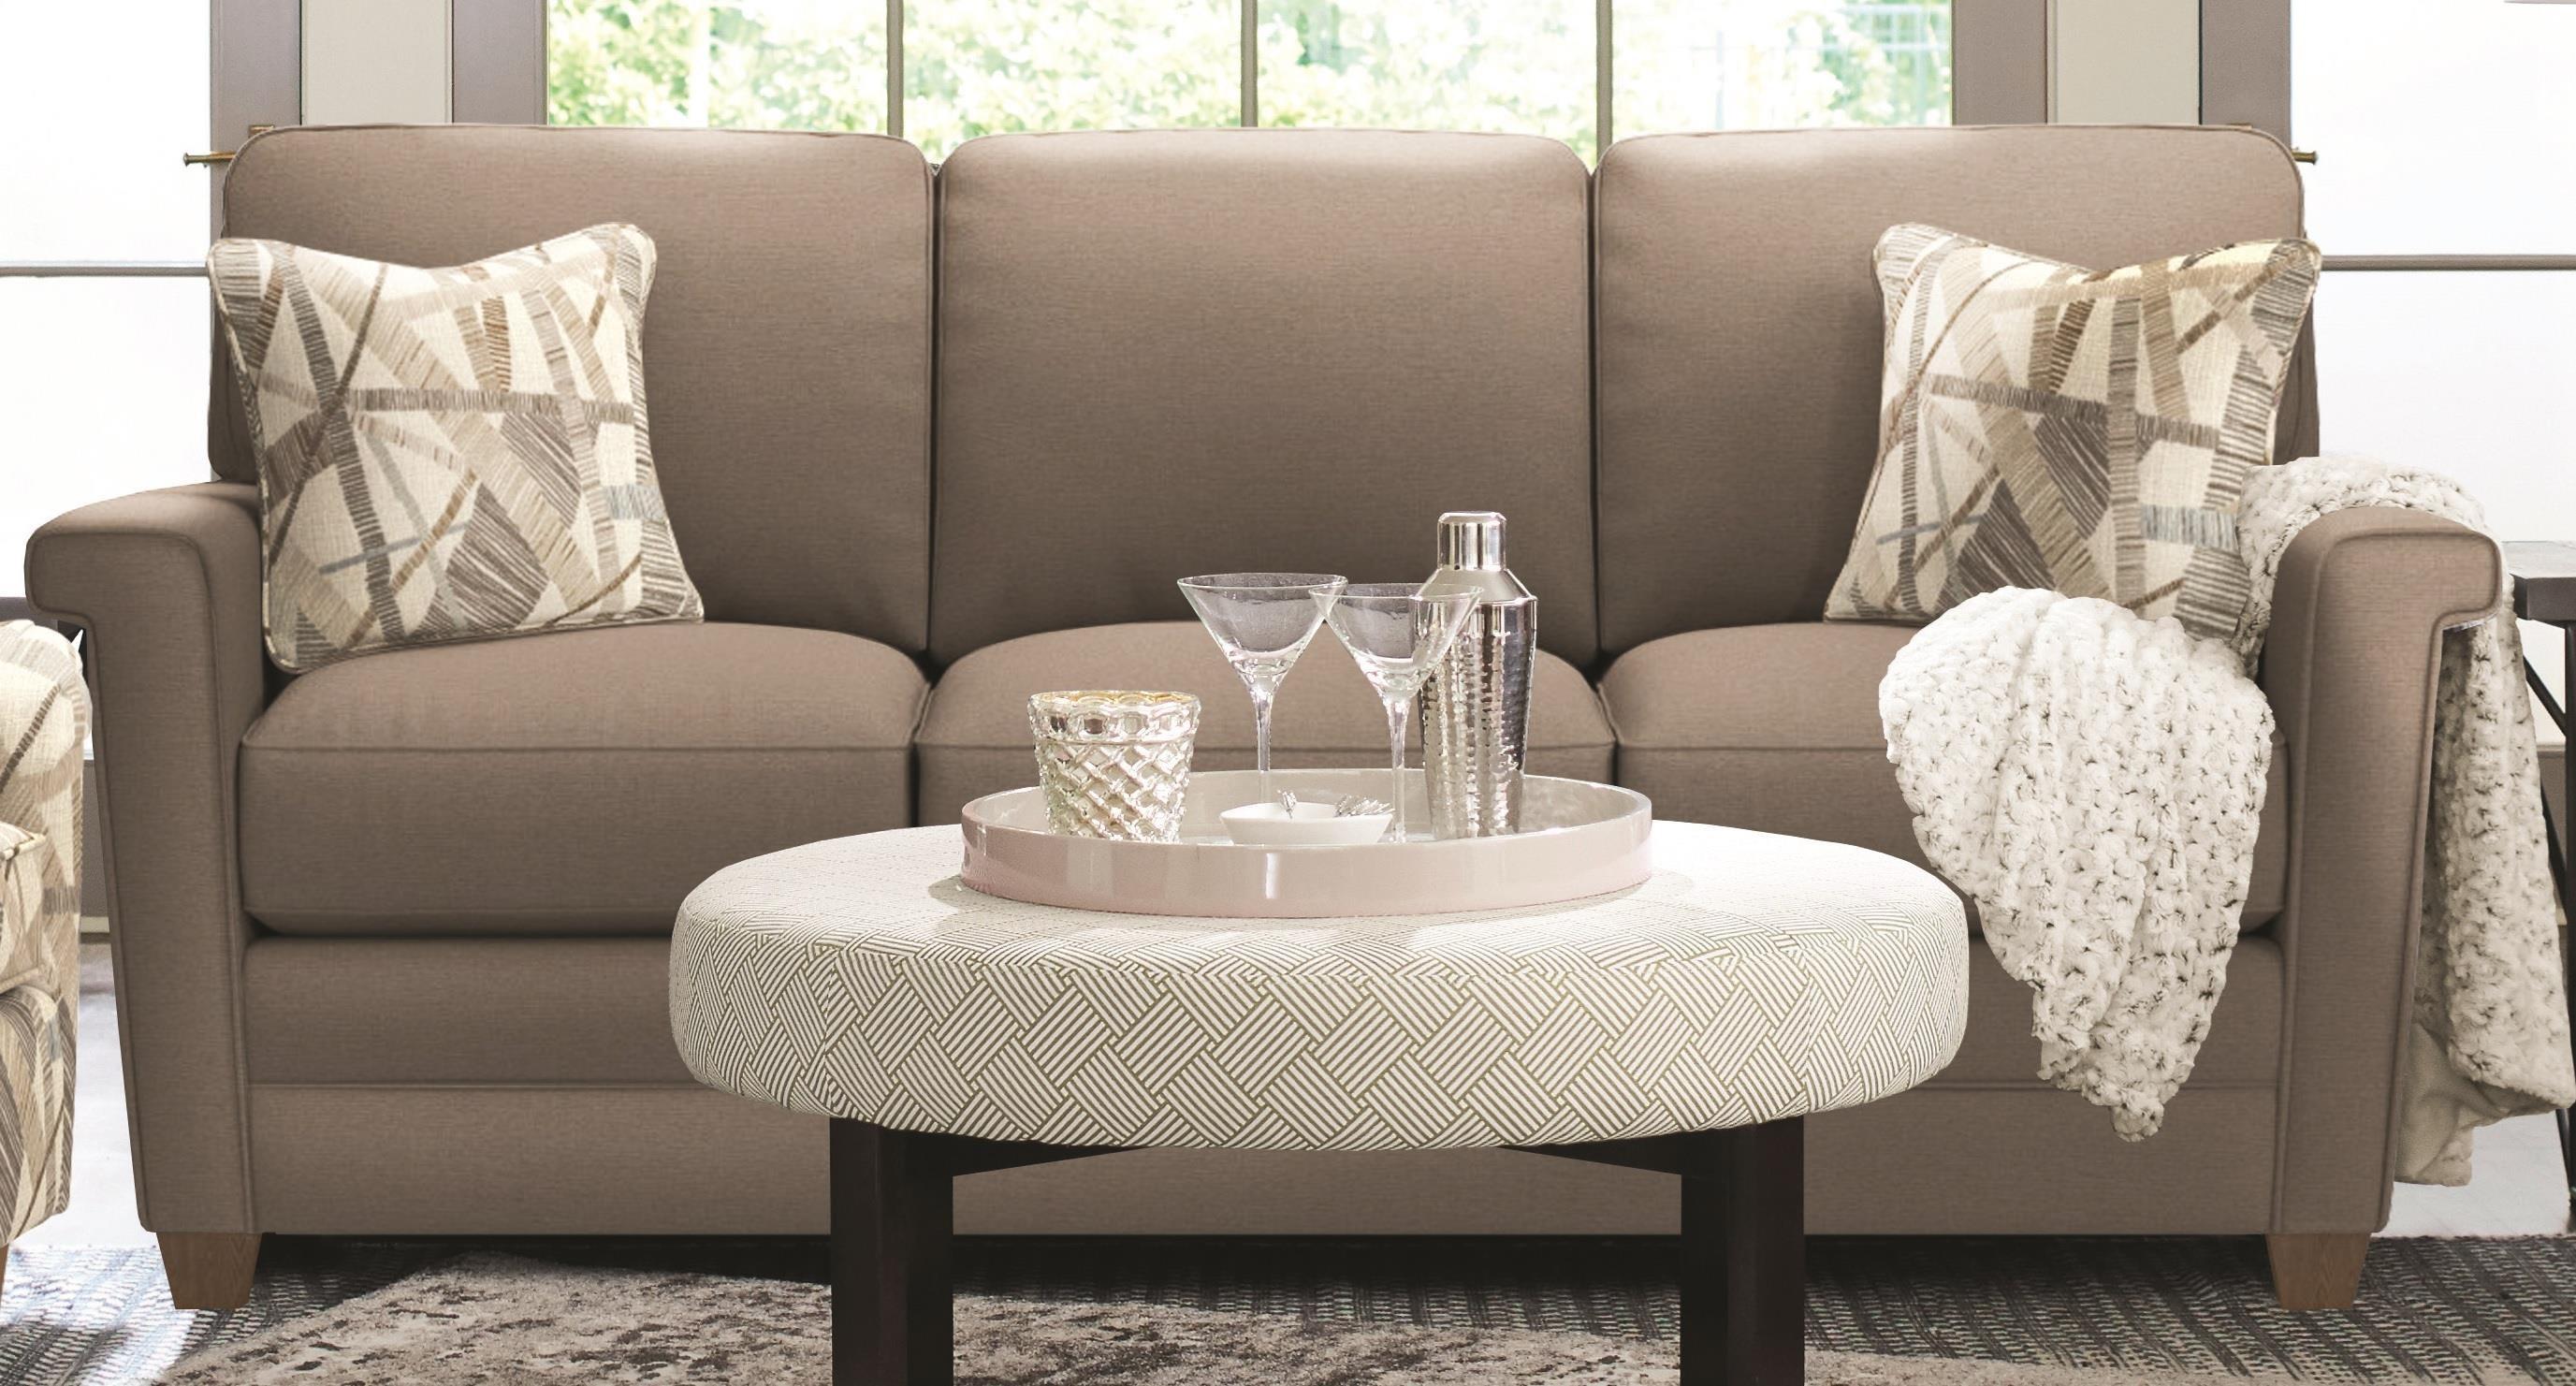 Bexley Bexley Sofa by La-Z-Boy at Morris Home